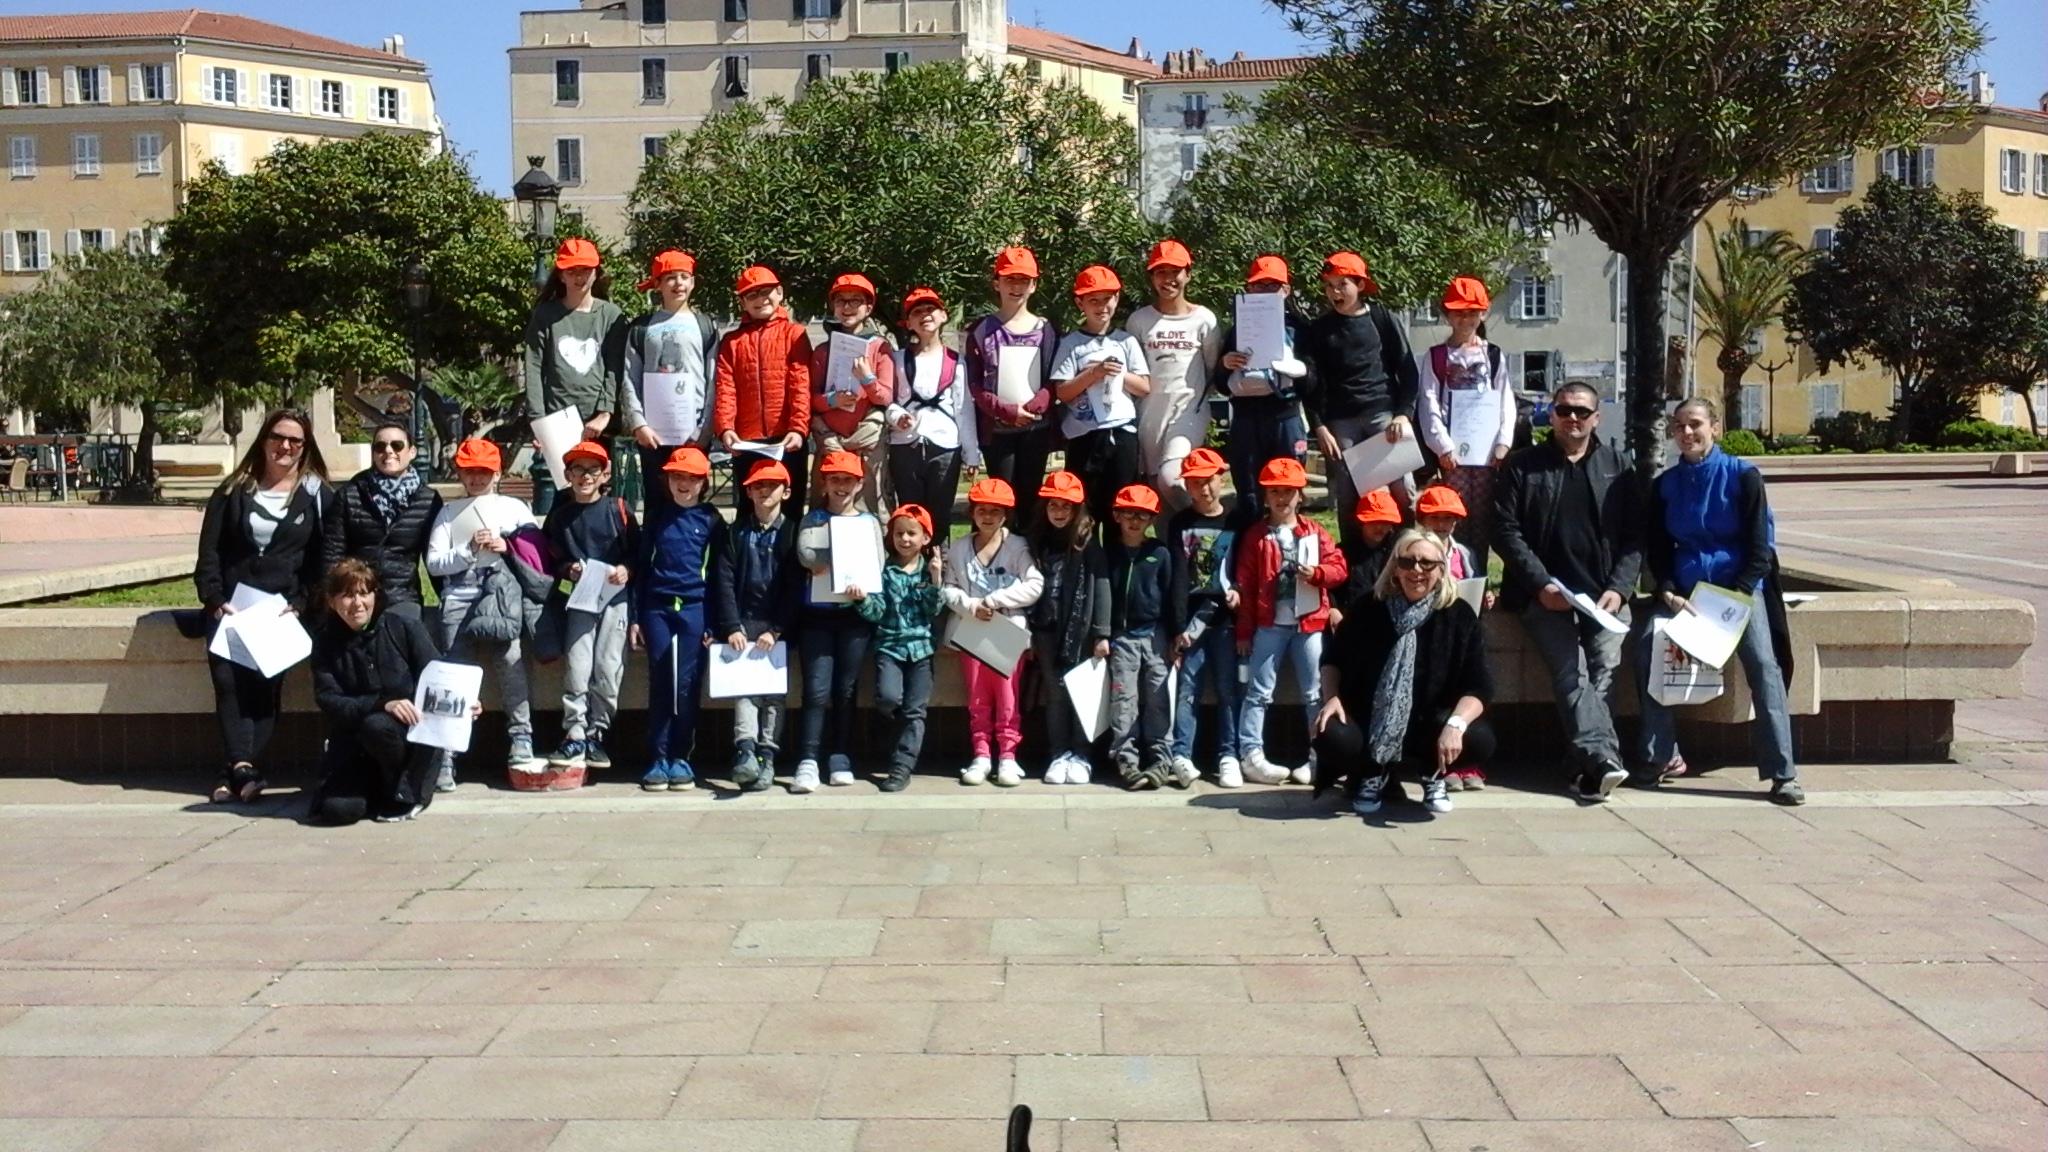 Festa di a lingua corsa in i centri